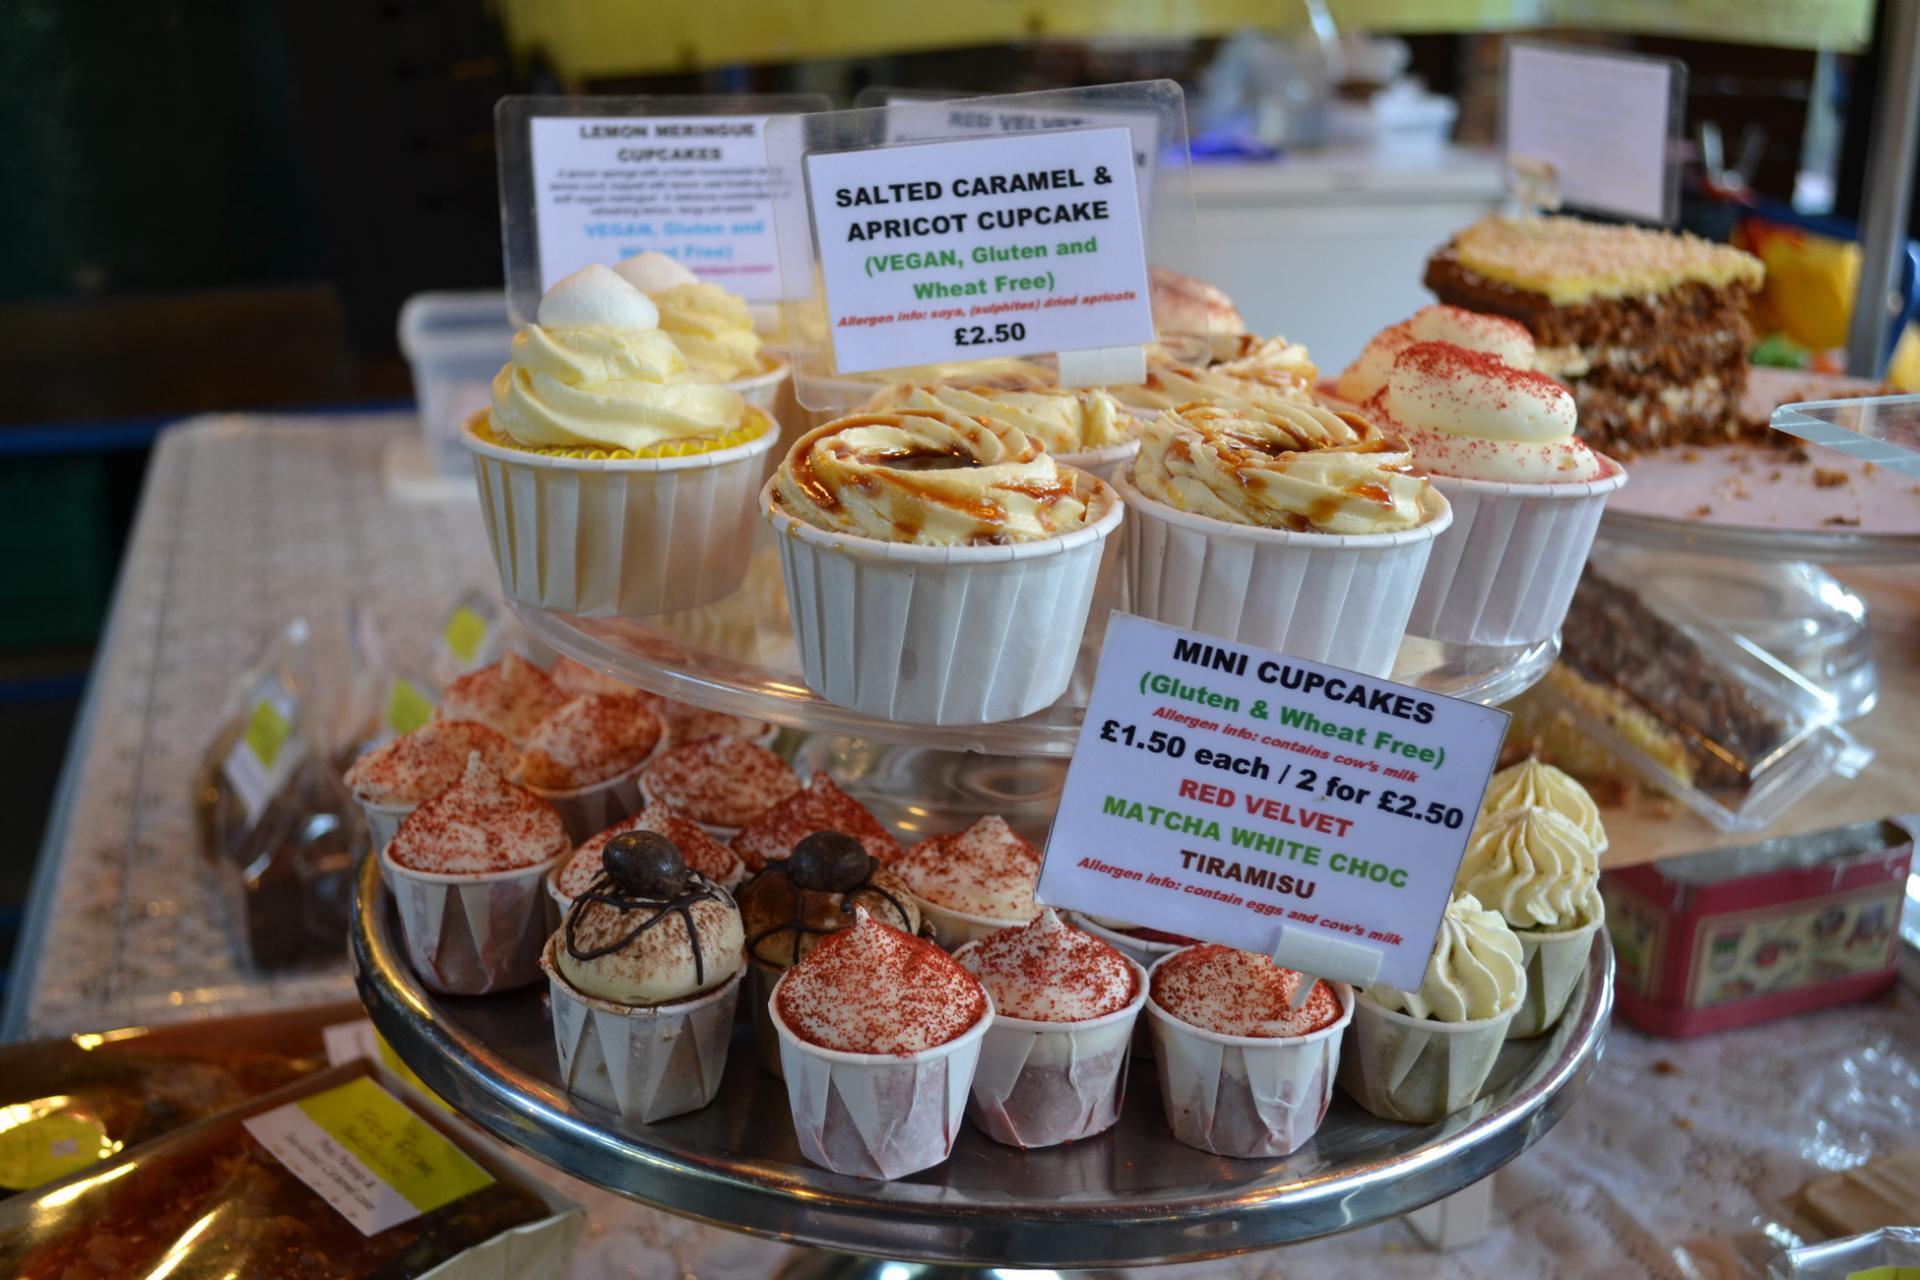 Cupcakes caseras en el Borough Market, Londres